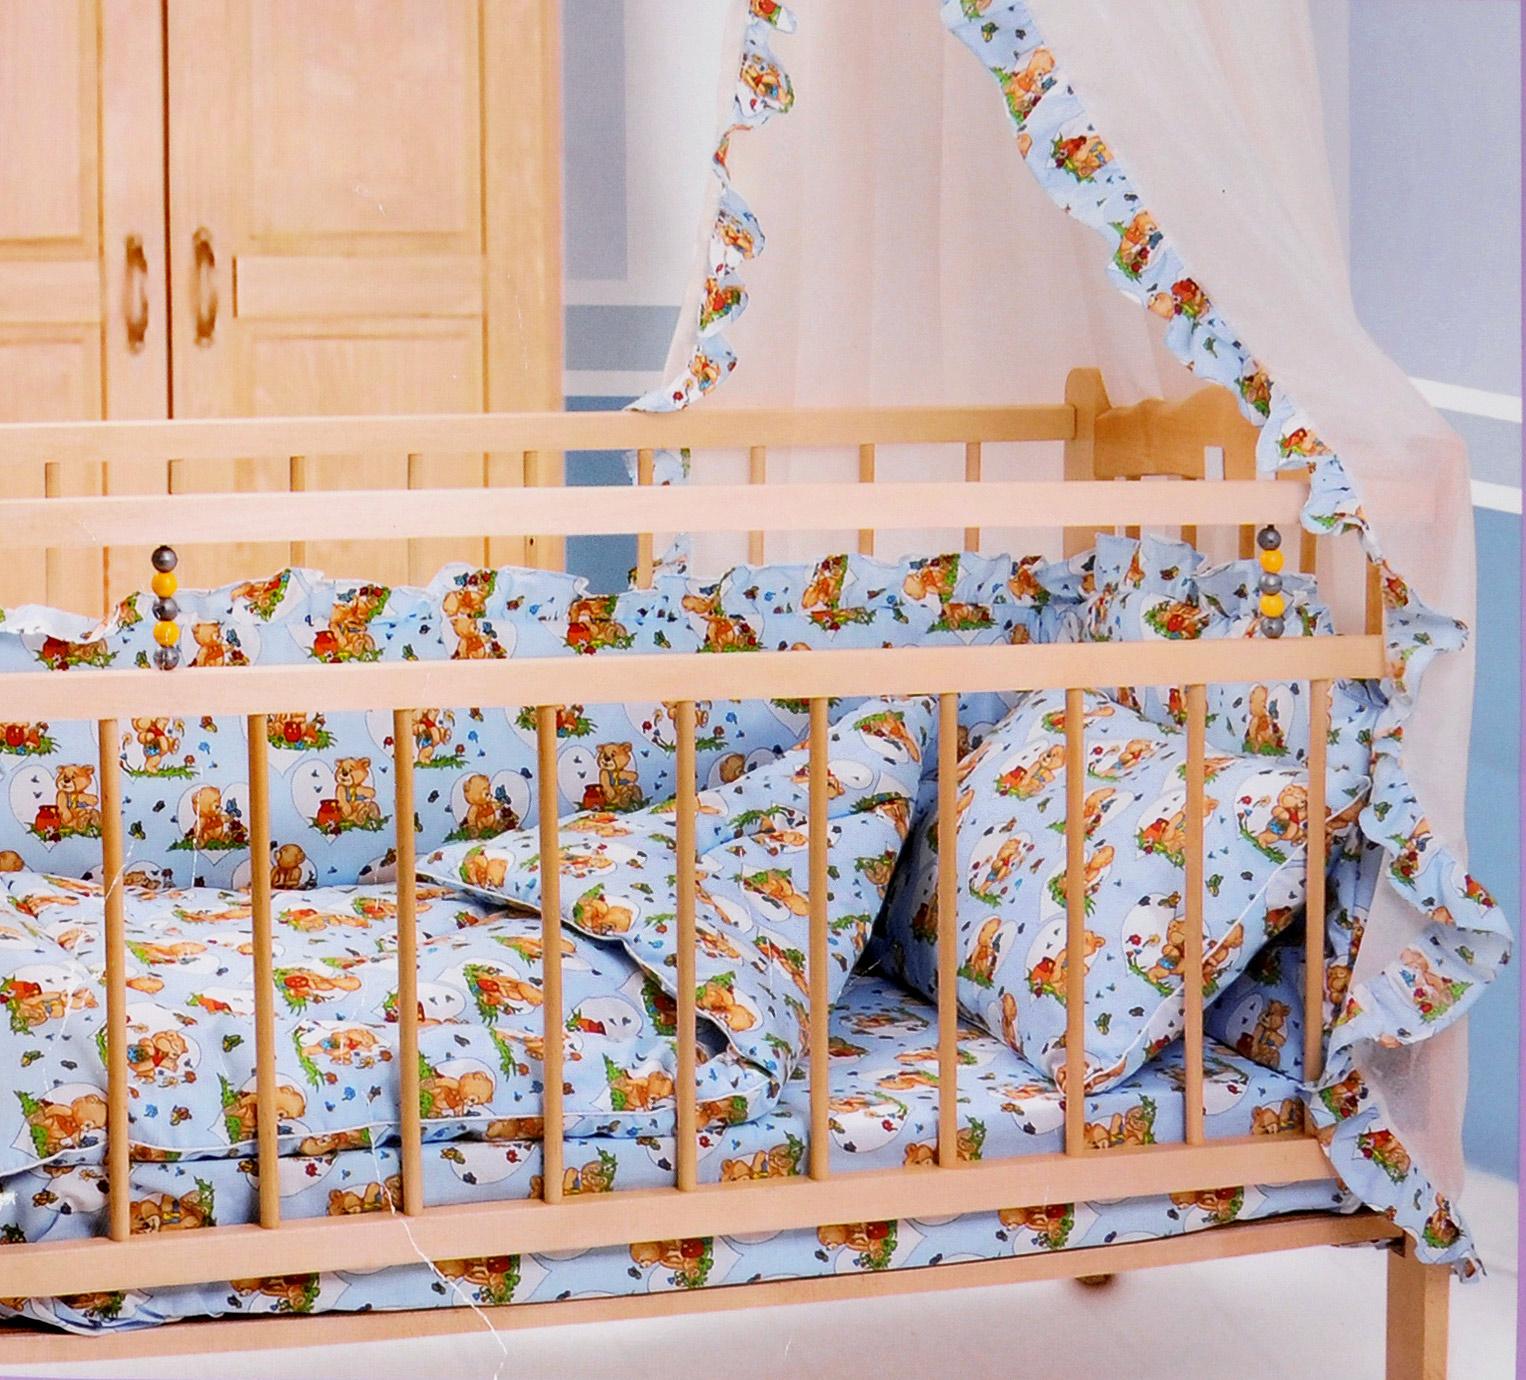 Комплект в кроватку Primavelle Кроха, цвет: голубой, 5 предметов601104005-18Комплект в кроватку Primavelle Кроха прекрасно подойдет для кроватки вашего малыша, добавит комнате уюта и согреет в прохладные дни. В качестве материала верха использованы 70% хлопка и 30% полиэстера. Мягкая ткань не раздражает чувствительную и нежную кожу ребенка и хорошо вентилируется. Подушка и одеяло наполнены гипоаллергенным экофайбером, который не впитывает запах и пыль. В комплекте - удобный карман на кроватку для всех необходимых вещей.Очень важно, чтобы ваш малыш хорошо спал - это залог его здоровья, а значит вашего спокойствия. Комплект Primavelle Кроха идеально подойдет для кроватки вашего малыша. На нем ваш кроха будет спать здоровым и крепким сном.Комплектация:- бортик (150 см х 35 см); - простыня (120 см х 180 см);- подушка (40 см х 60 см);- одеяло (110 см х 140 см);- кармашек (60 см х 45 см).